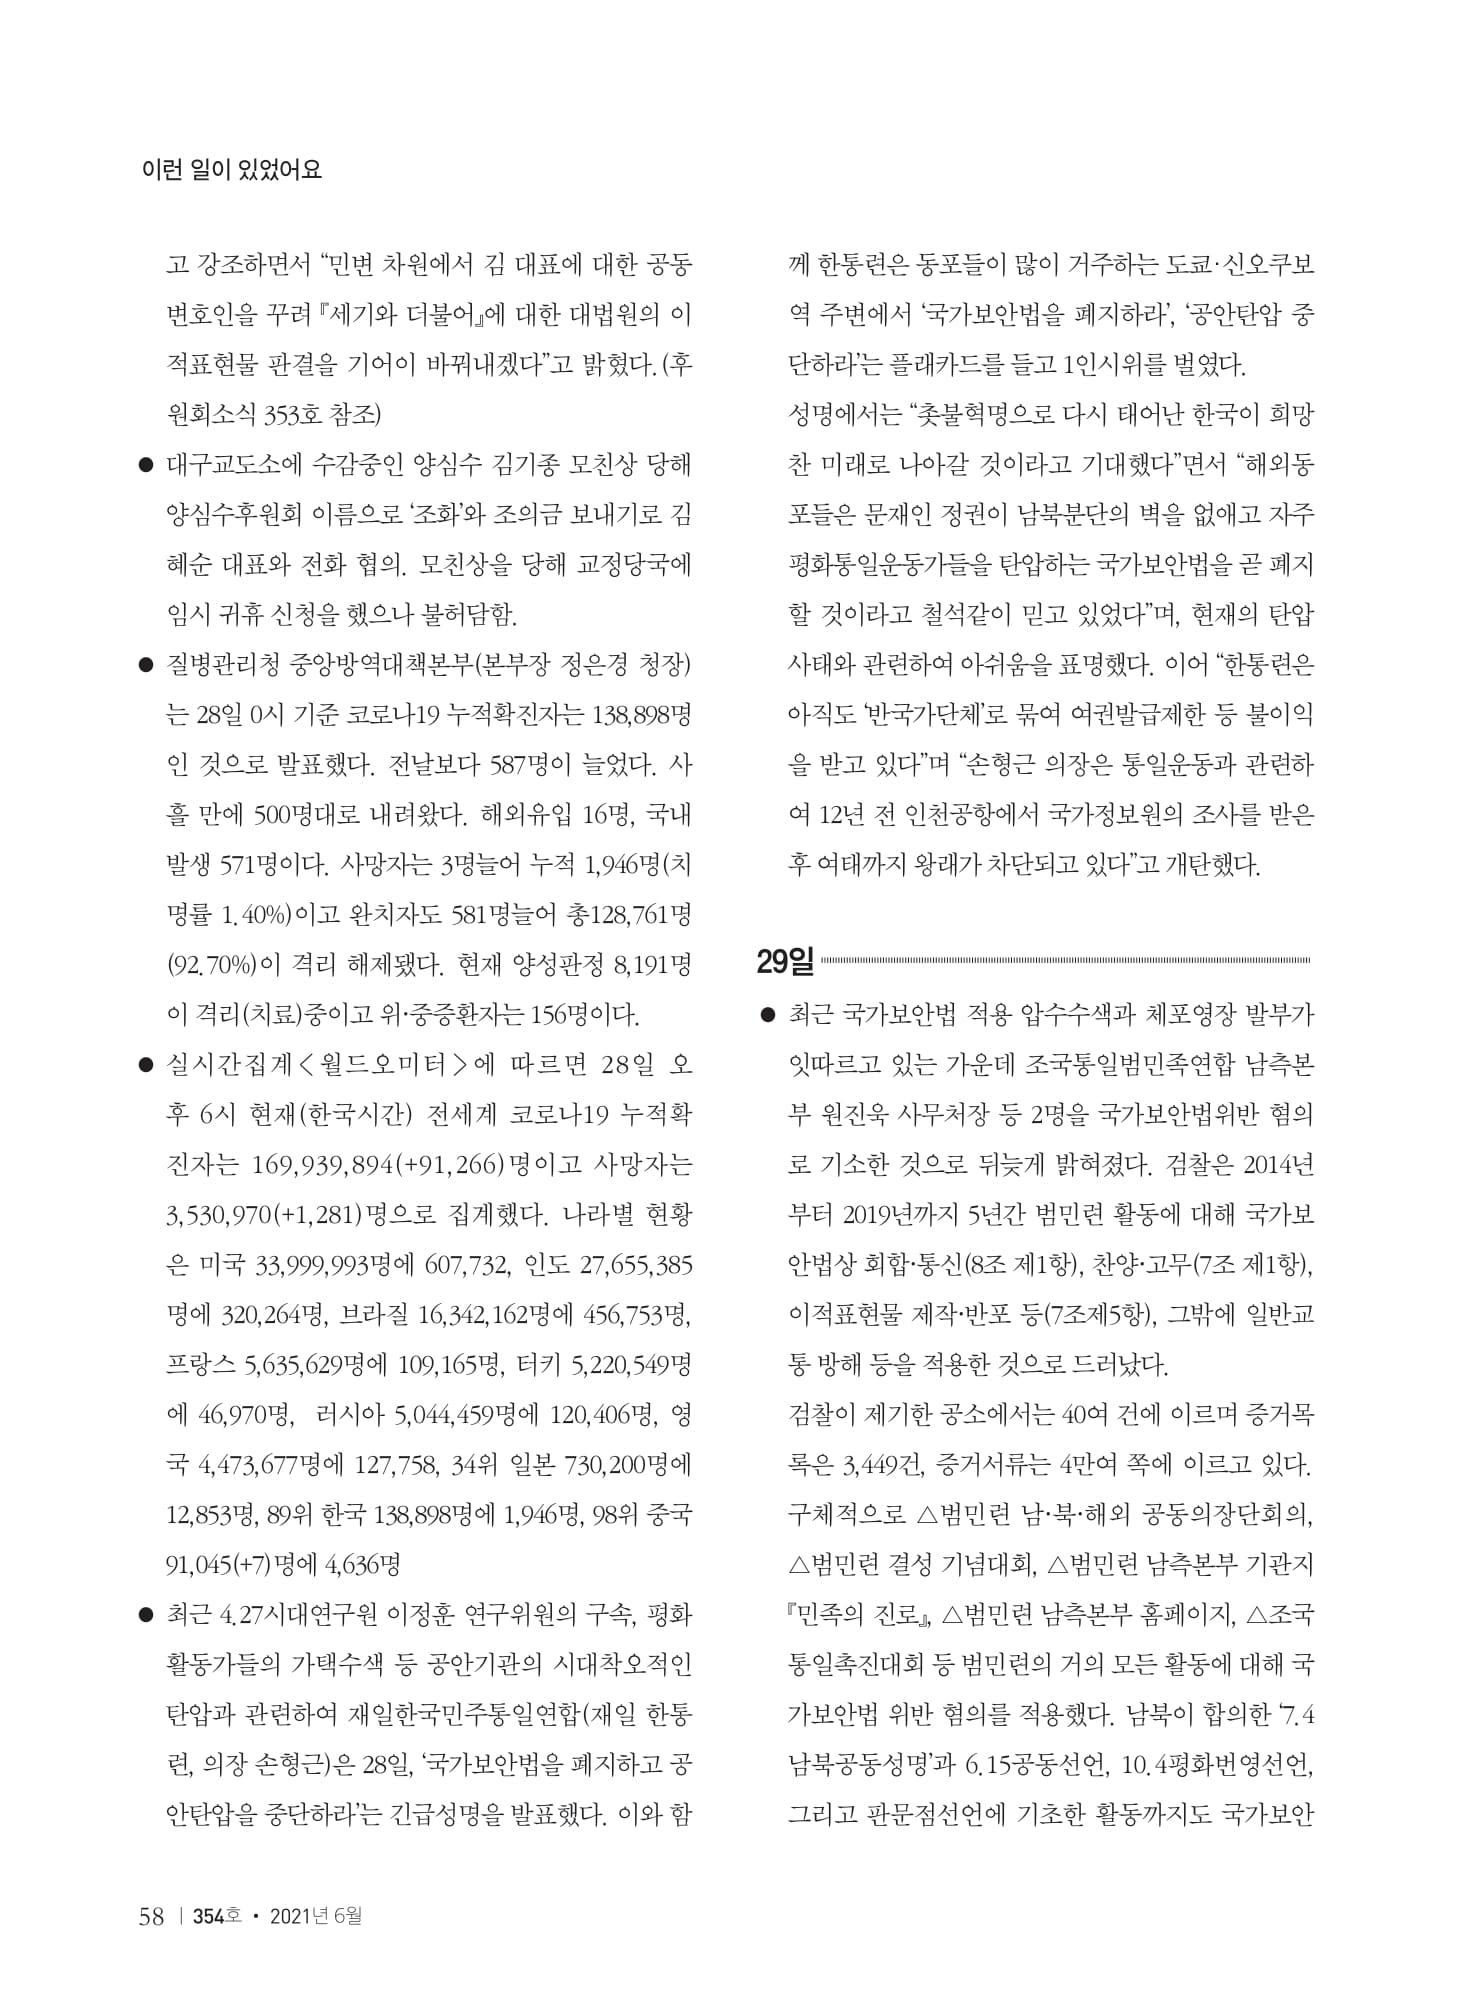 [양심수후원회] 소식지 354호 web 수정-60.jpg